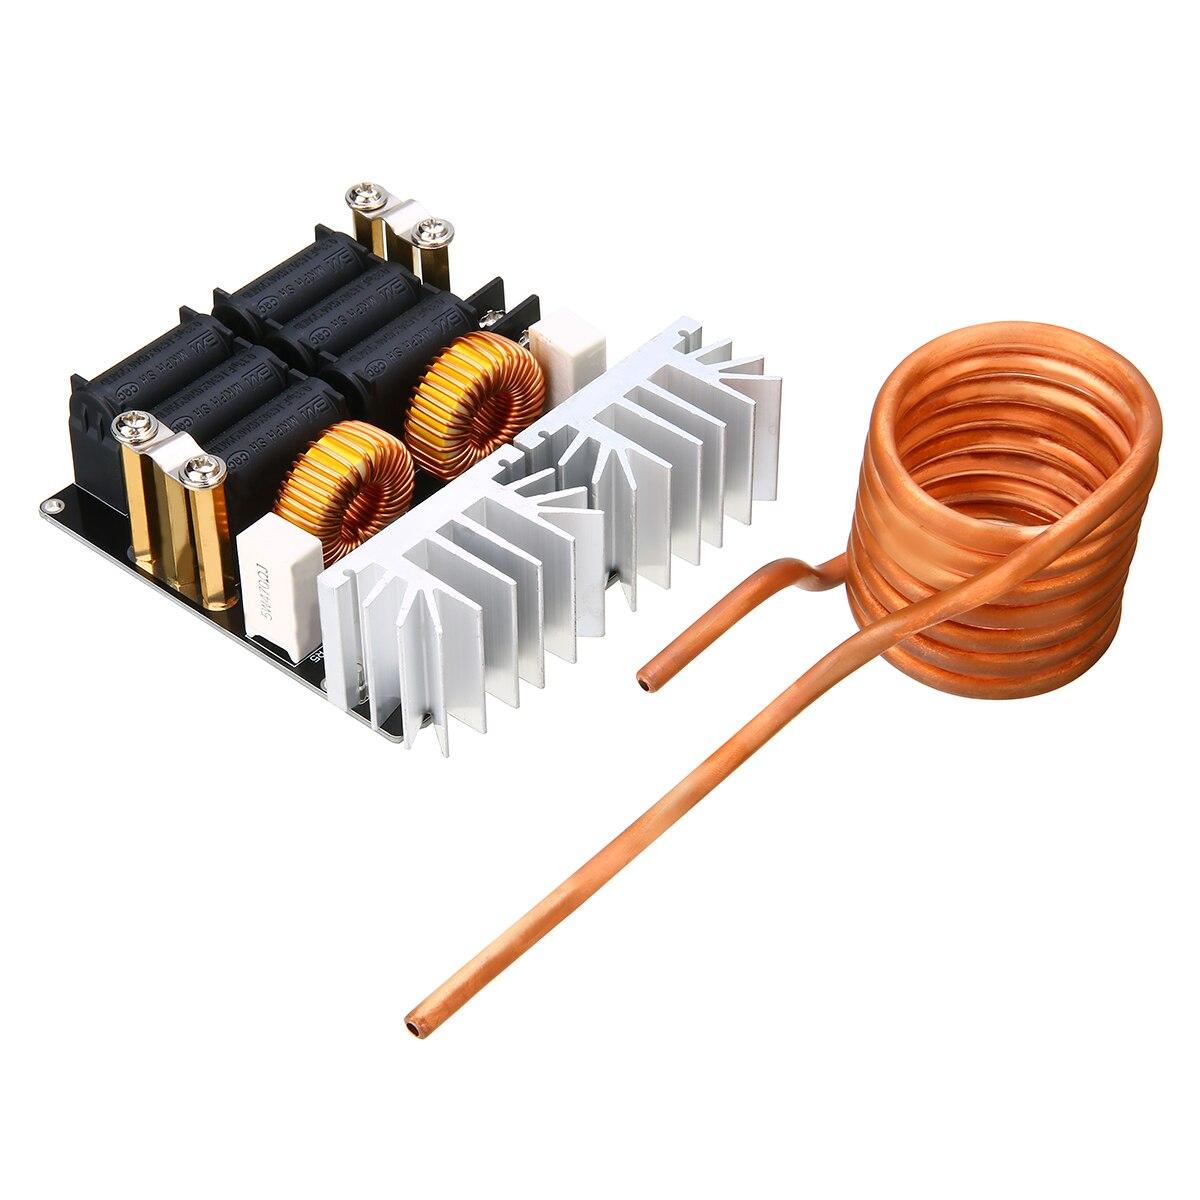 1 pièce/ensemble Durable ZVS 1000 W basse tension Induction Module de chauffage panneau bricolage chauffage avec bobine Tesla pour le traitement de chauffage - 2